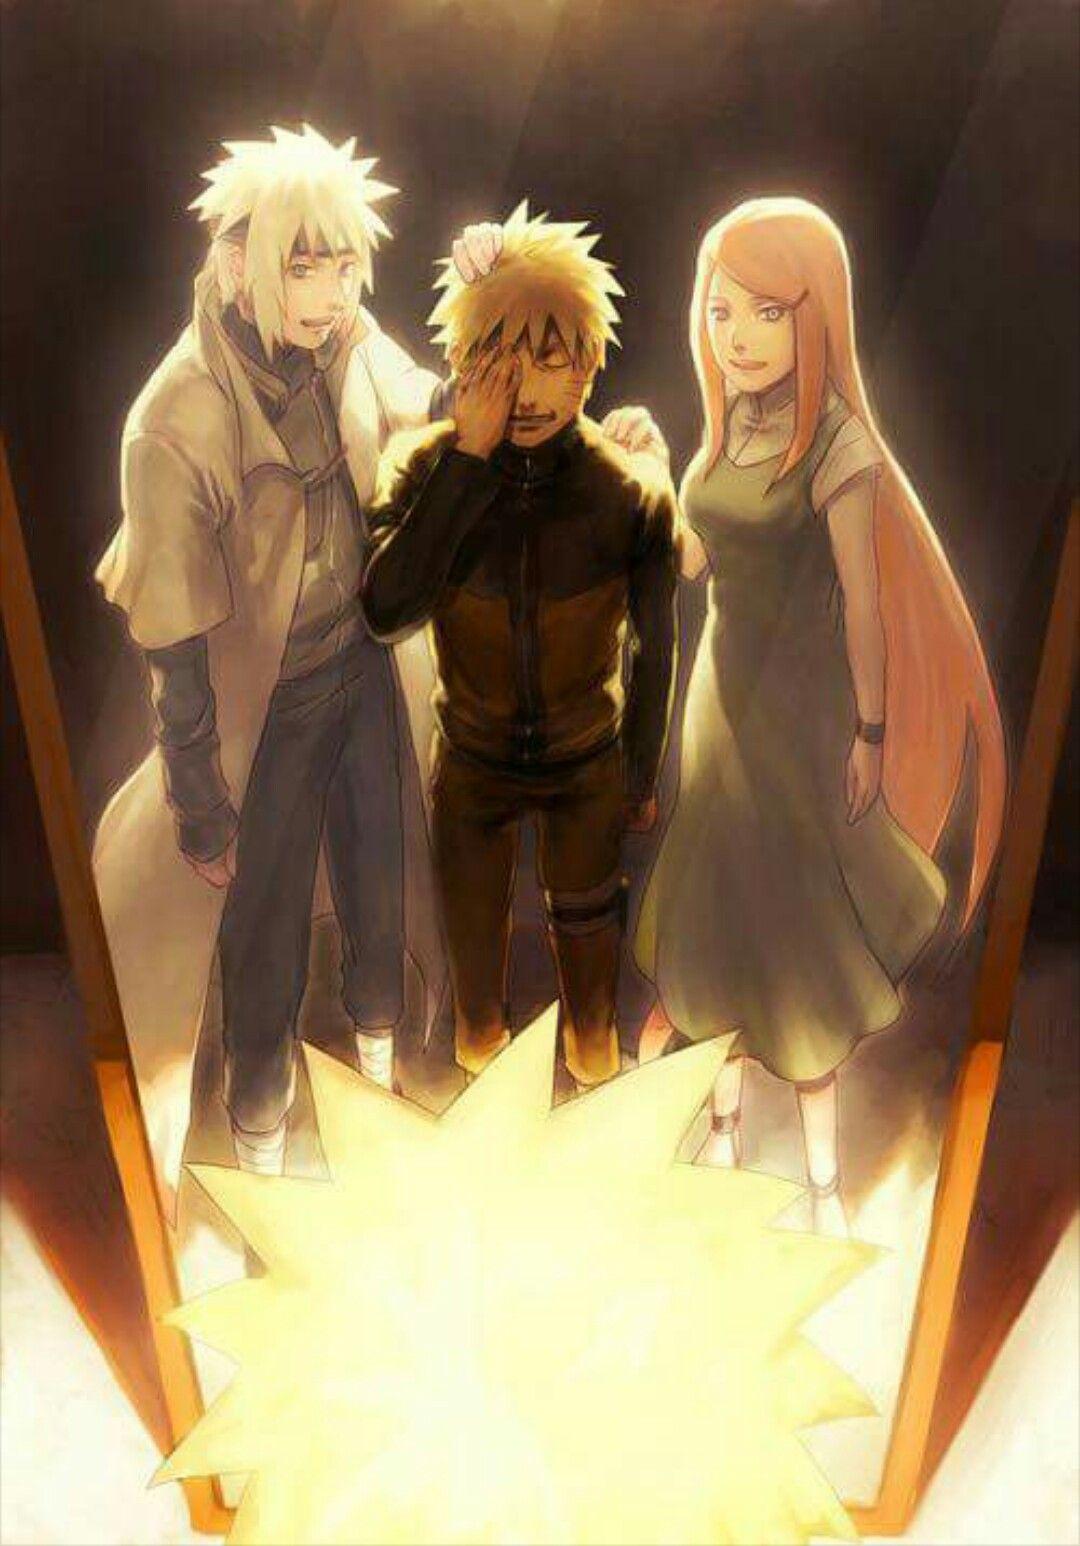 Naruto Shippuuden ~ Uzumaki Family - Uzumaki Naruto/Namikaze Minato/Uzumaki Kushina